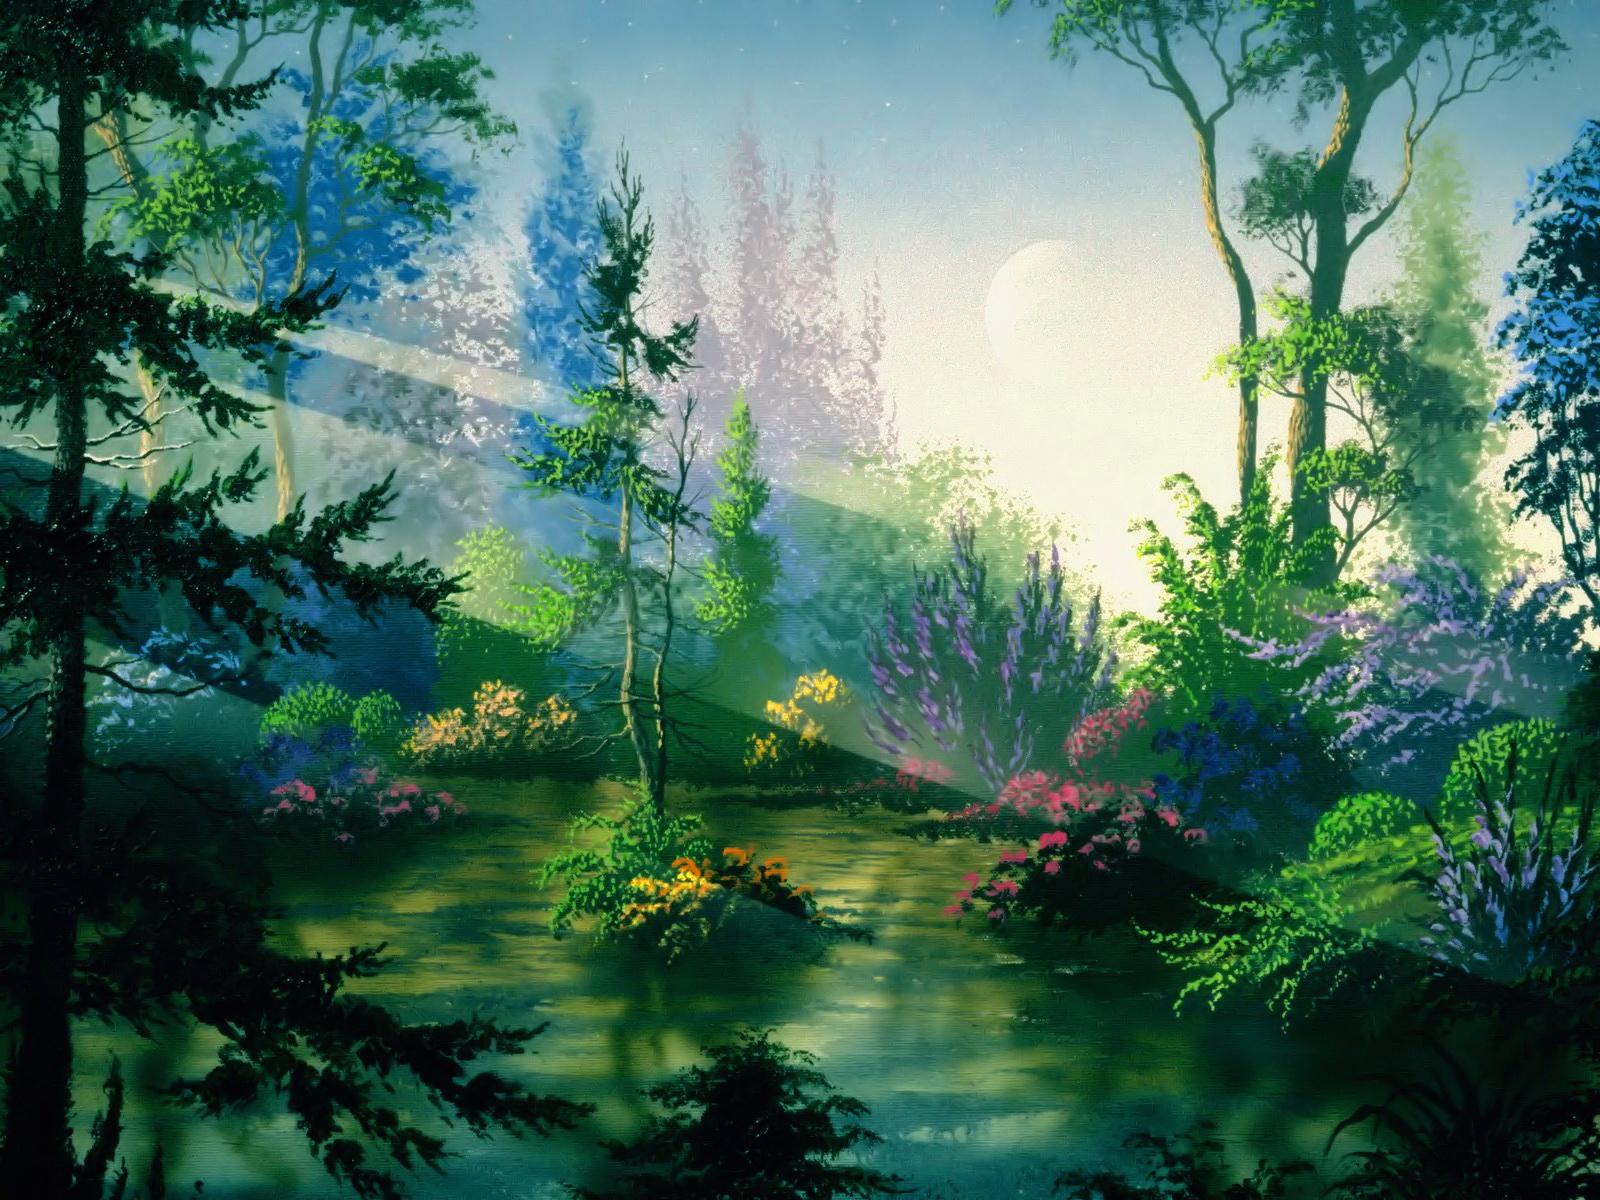 Fantasy fantasy forest 1600x1200